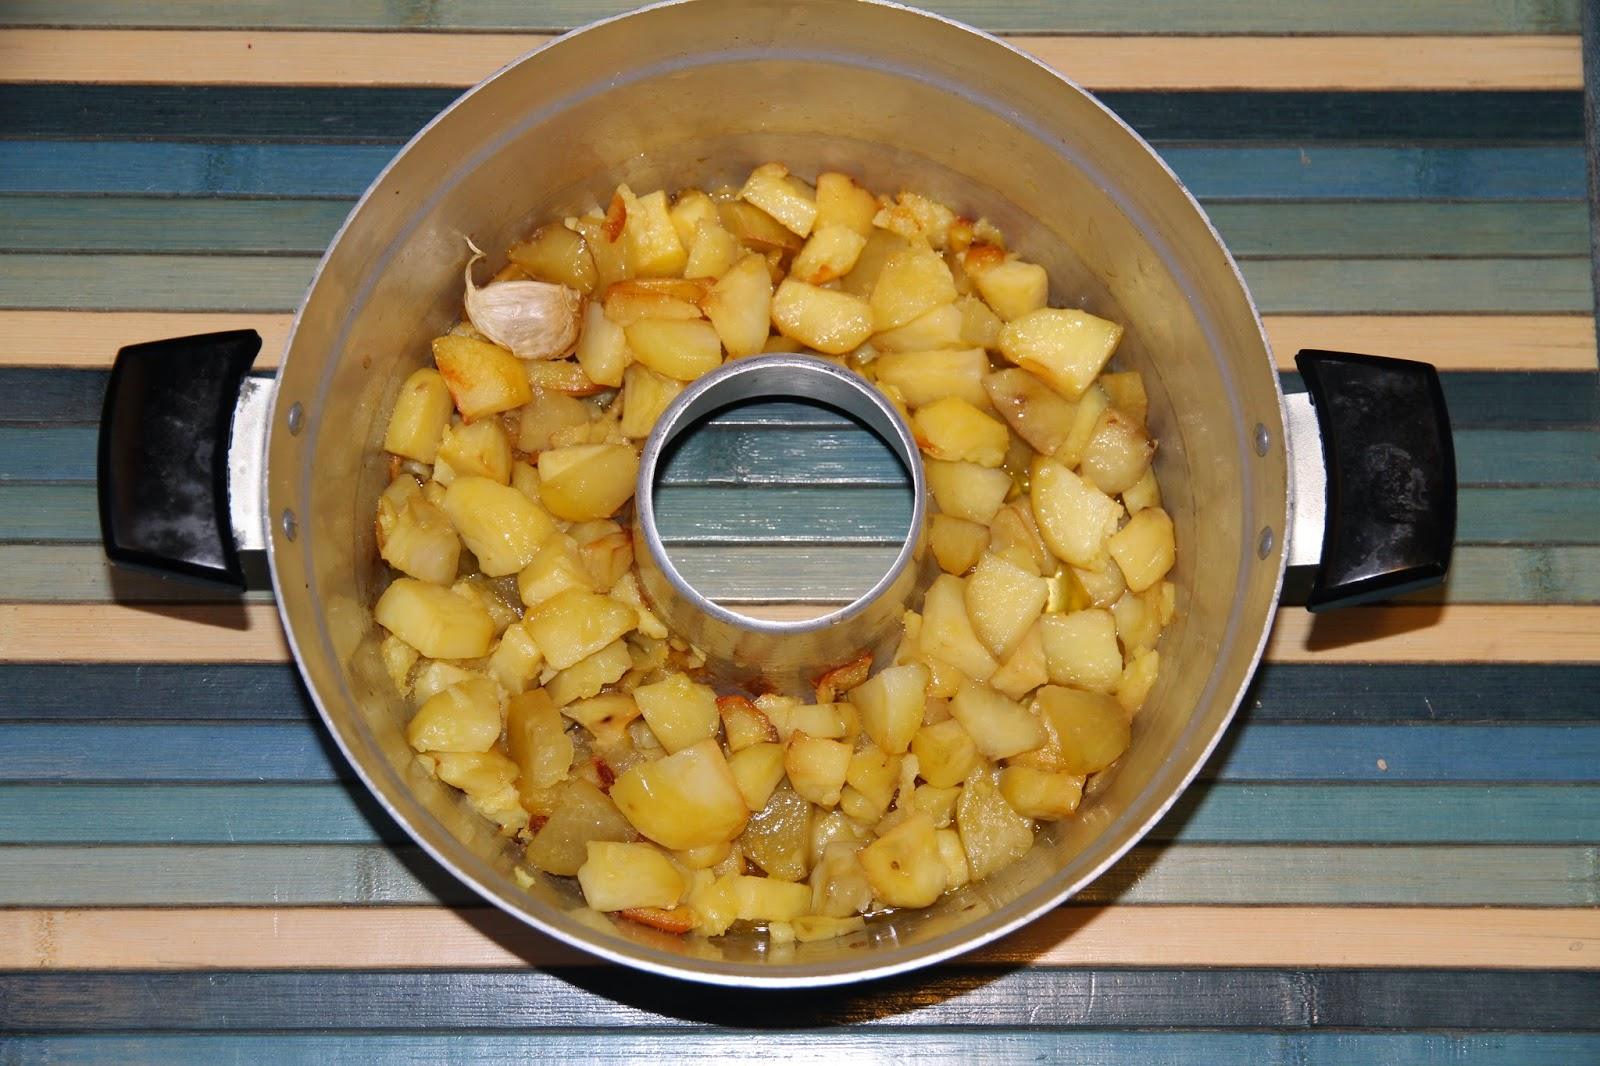 Tati coc e mamma in cucina patate cotte nel fornetto - Forno ventilato per torte ...